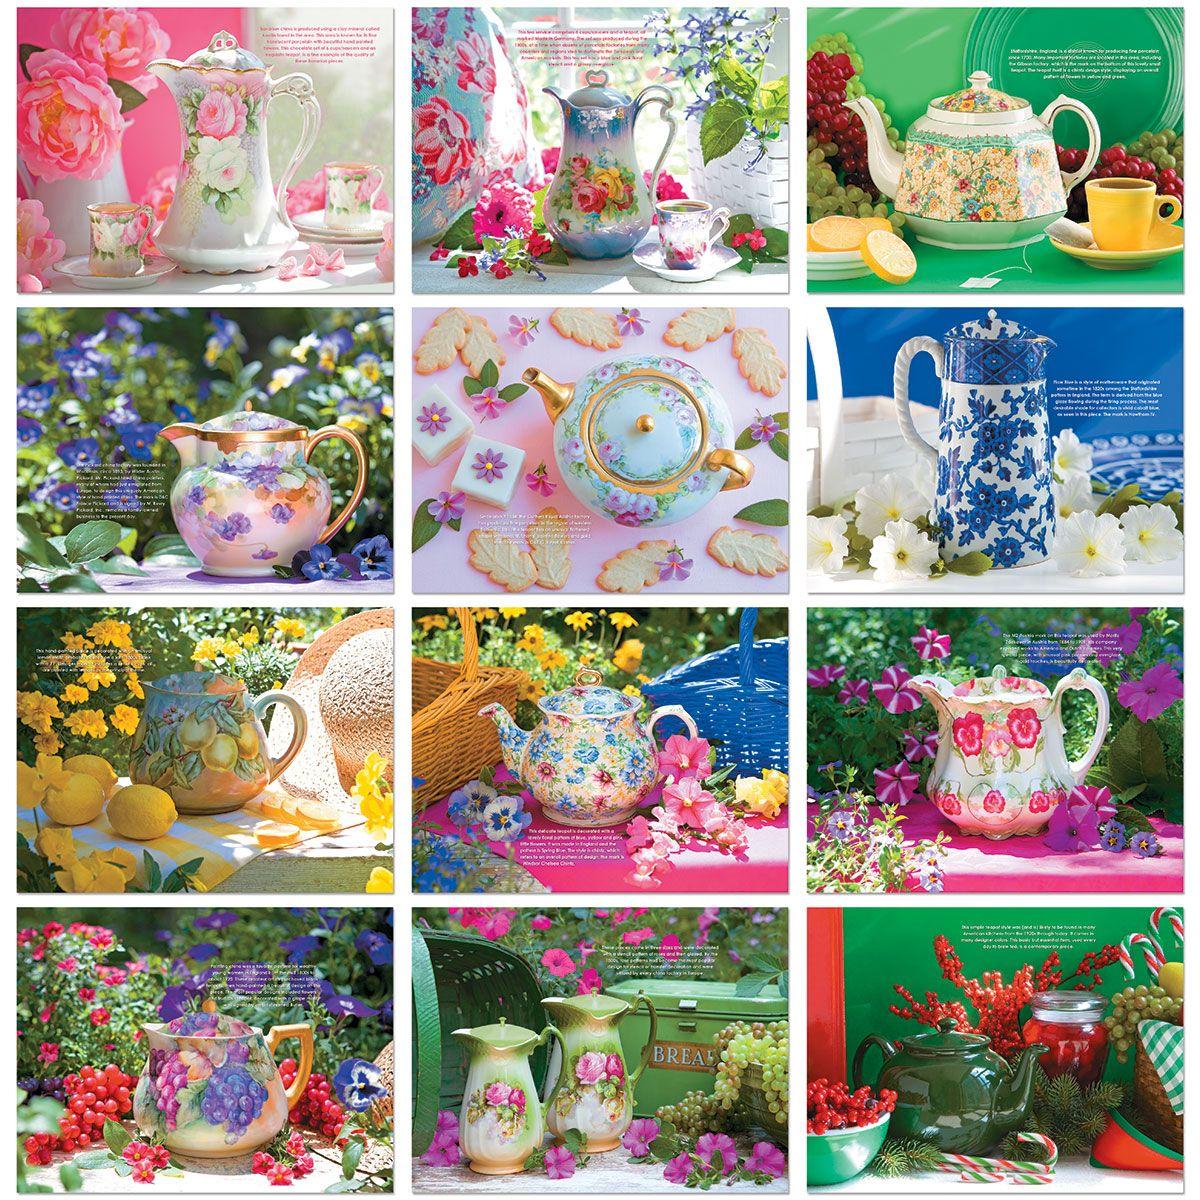 2021 Teapots Wall Calendar